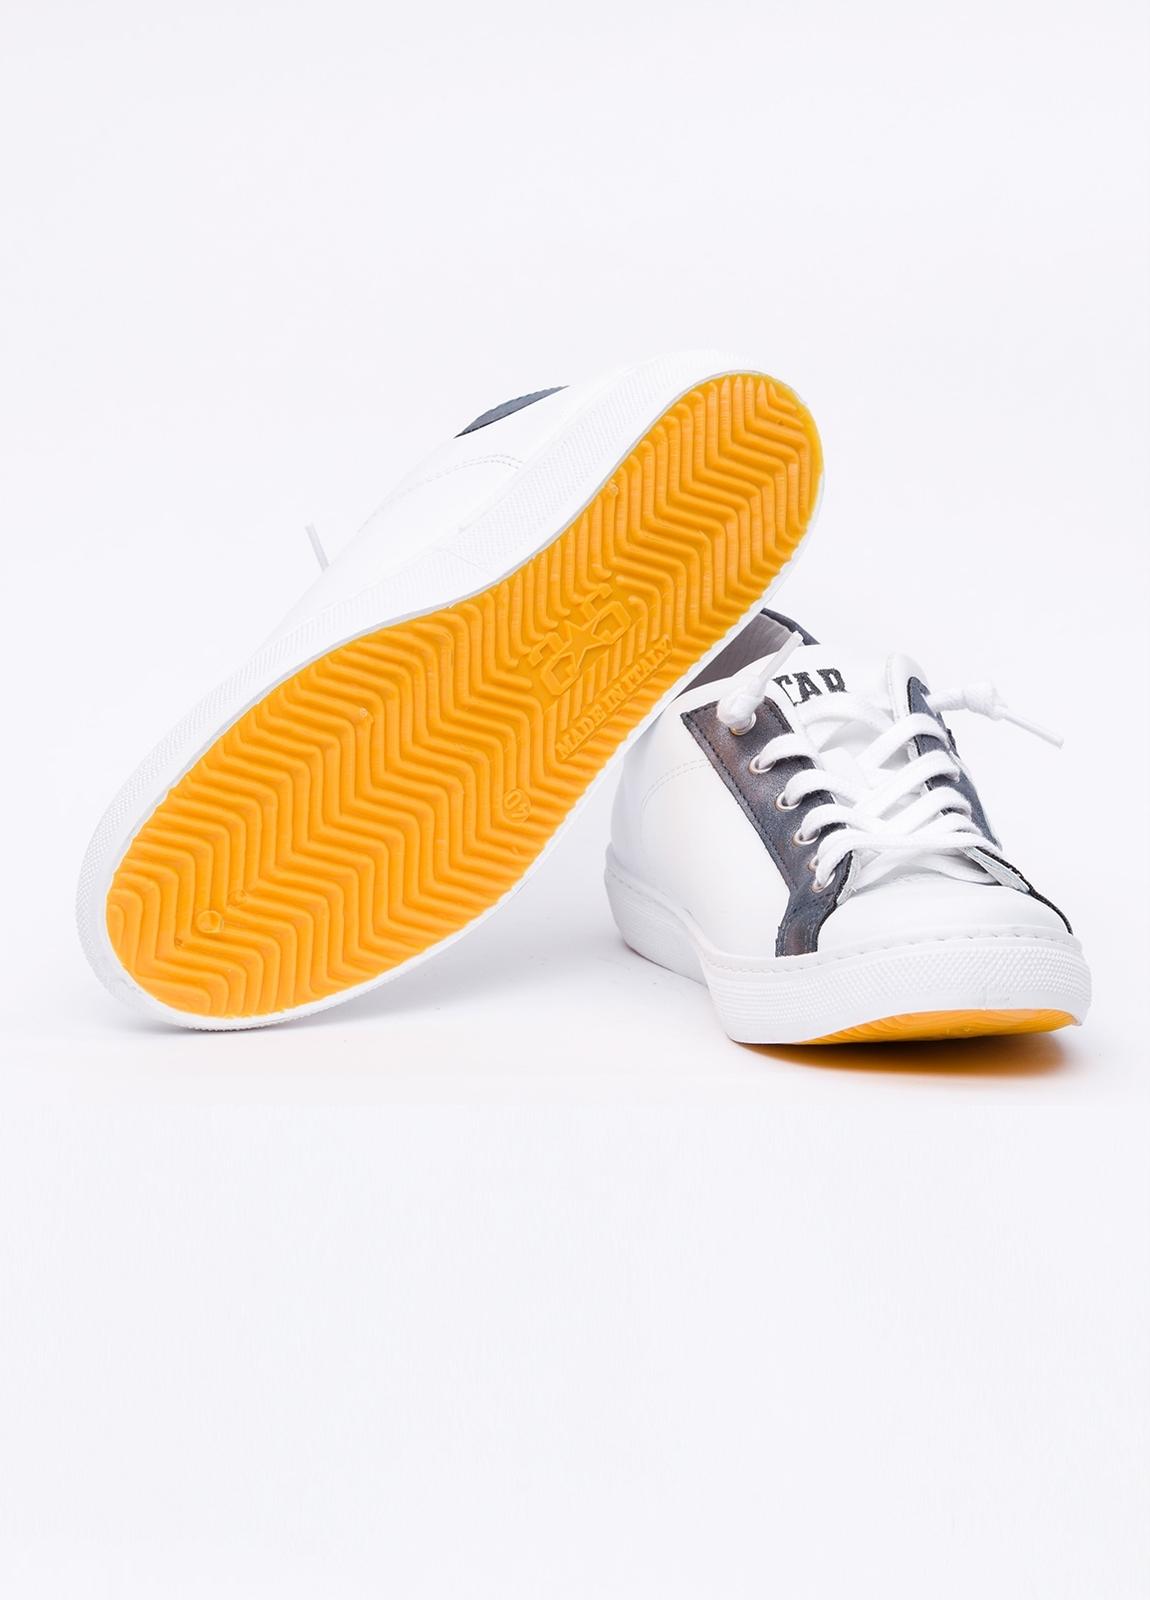 Calzado sport color blanco con detalles azul marino. 100% Piel. - Ítem1